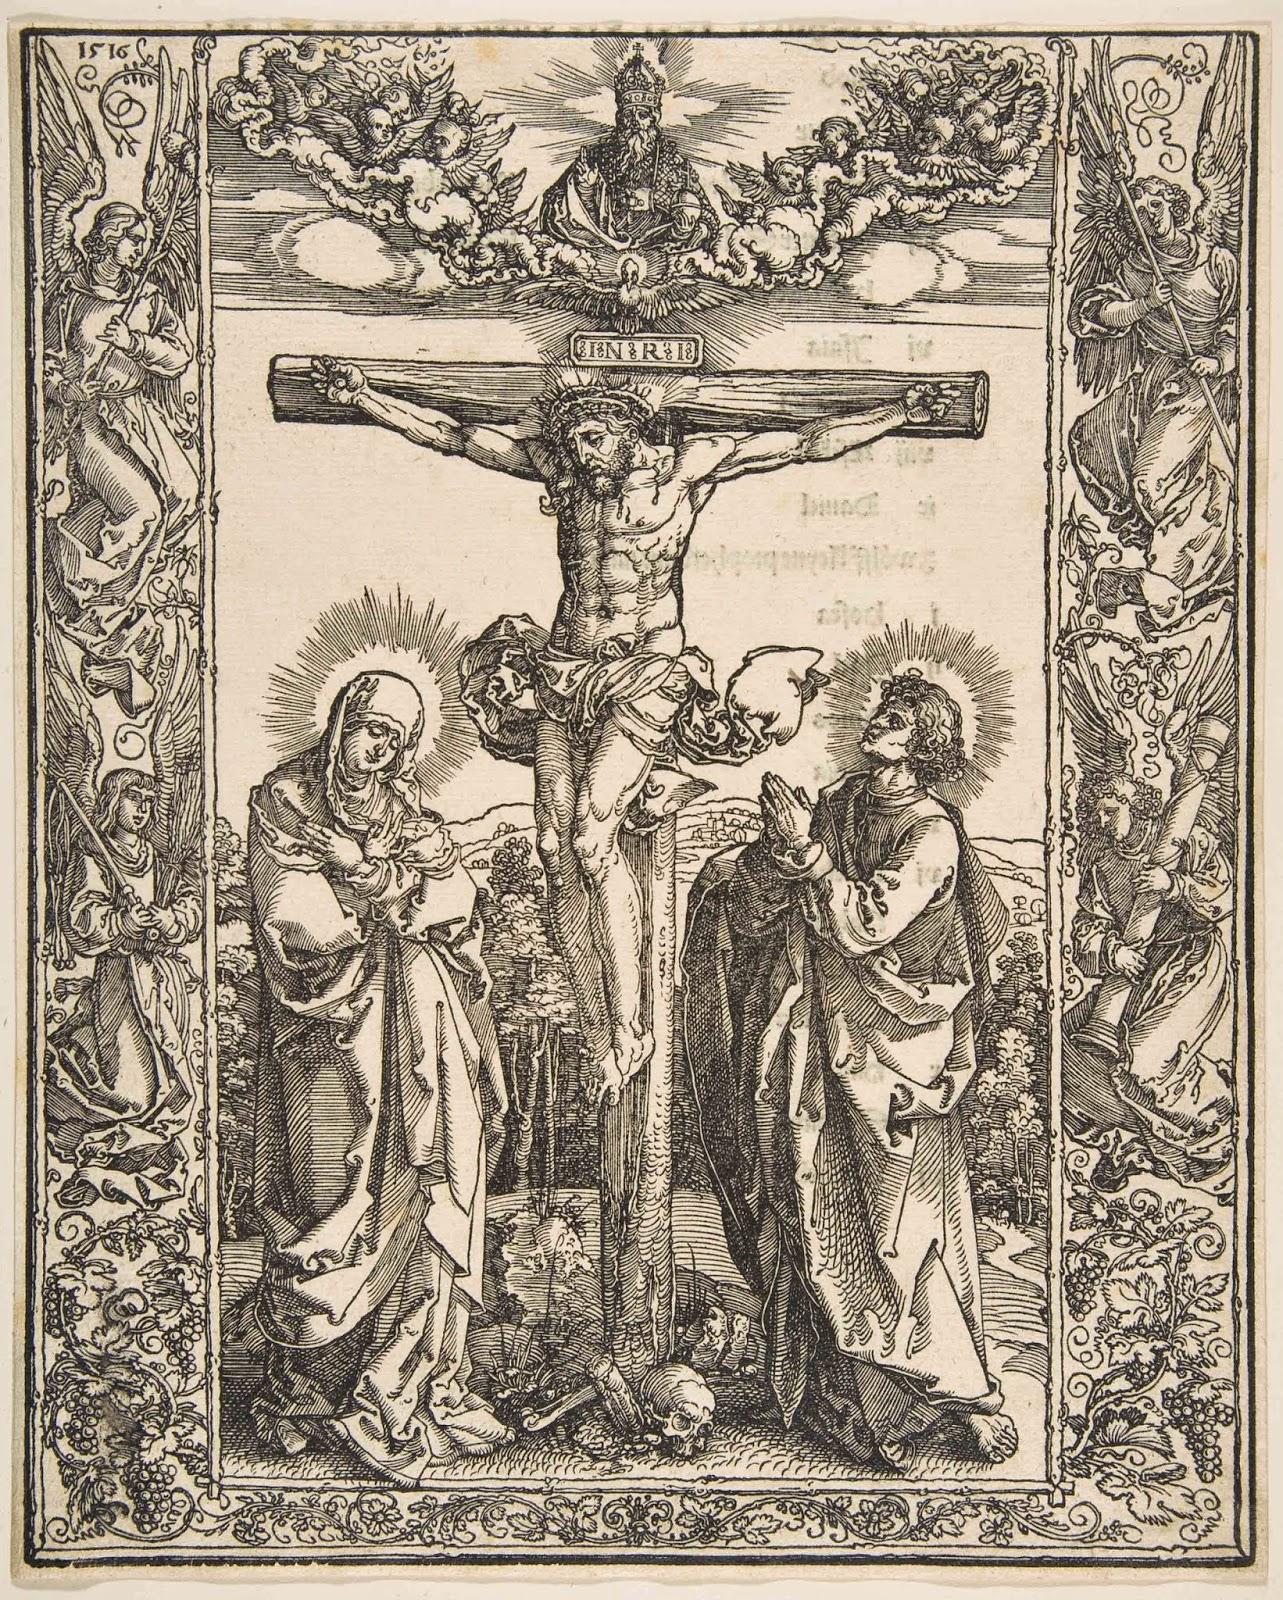 ART & ARTISTS: Albrecht Dürer - part 7